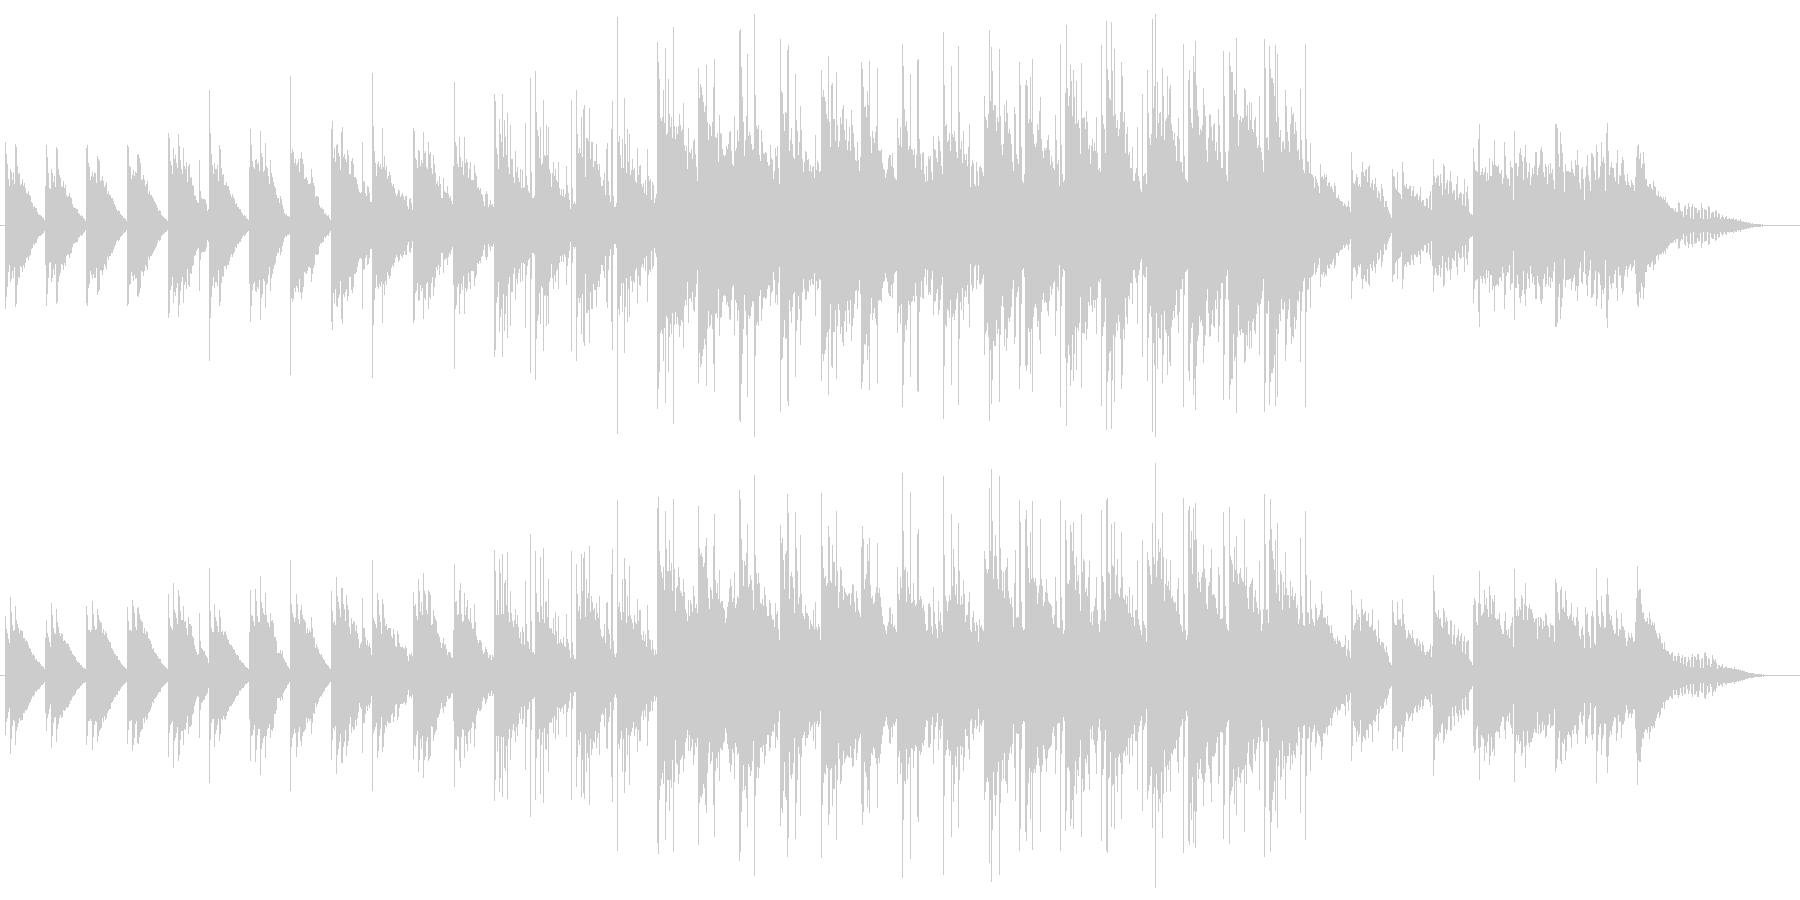 和風 オルゴール ベル 雪エレクトロニカの未再生の波形